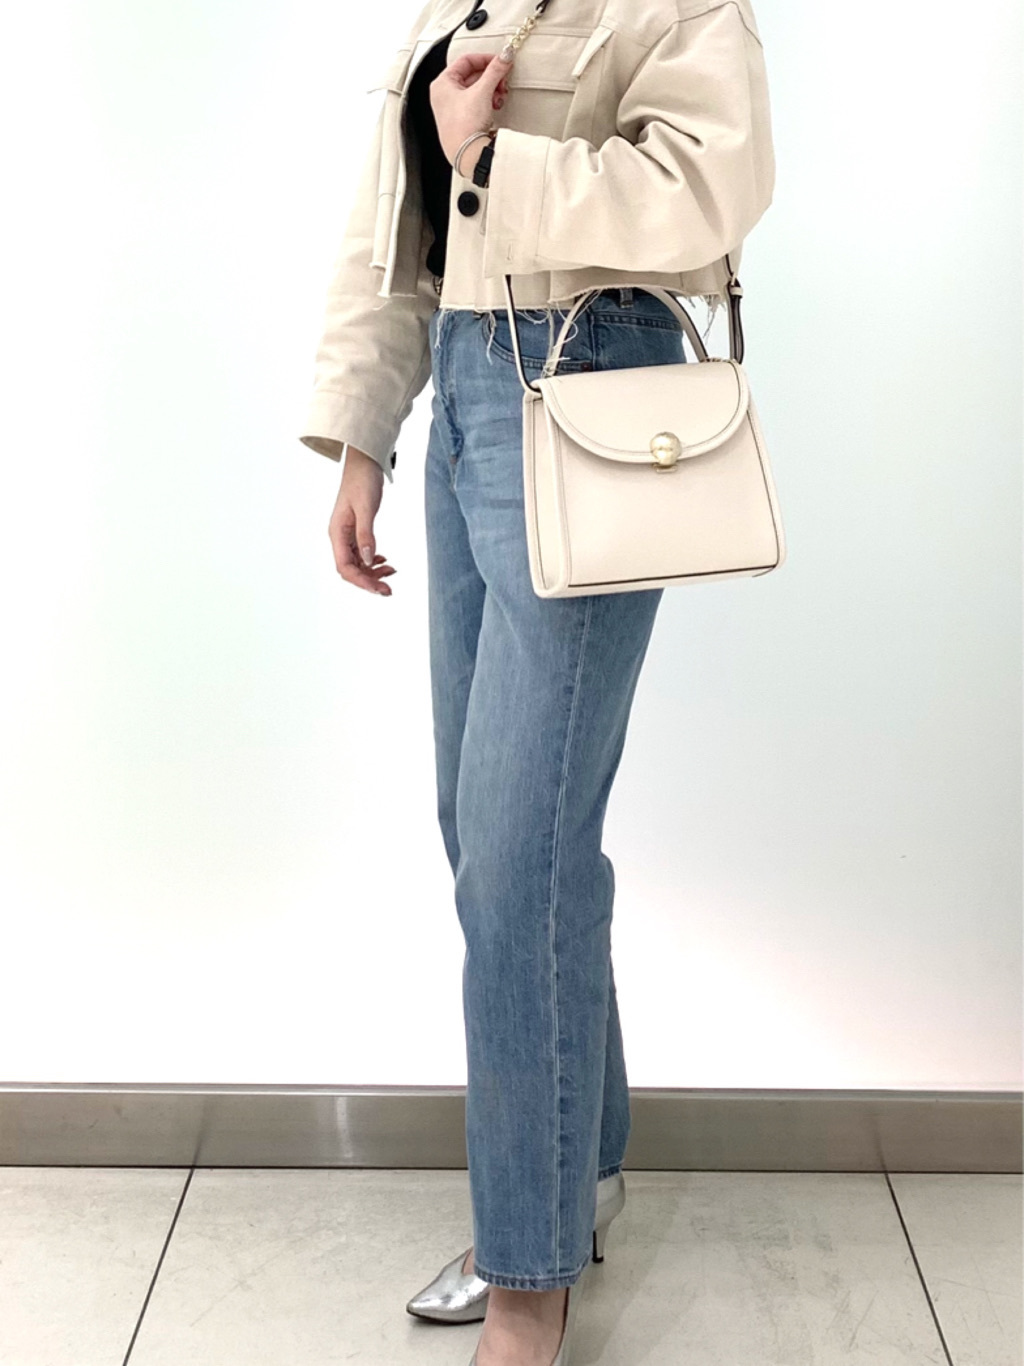 サマンサタバサ 札幌パルコ店 MAYU